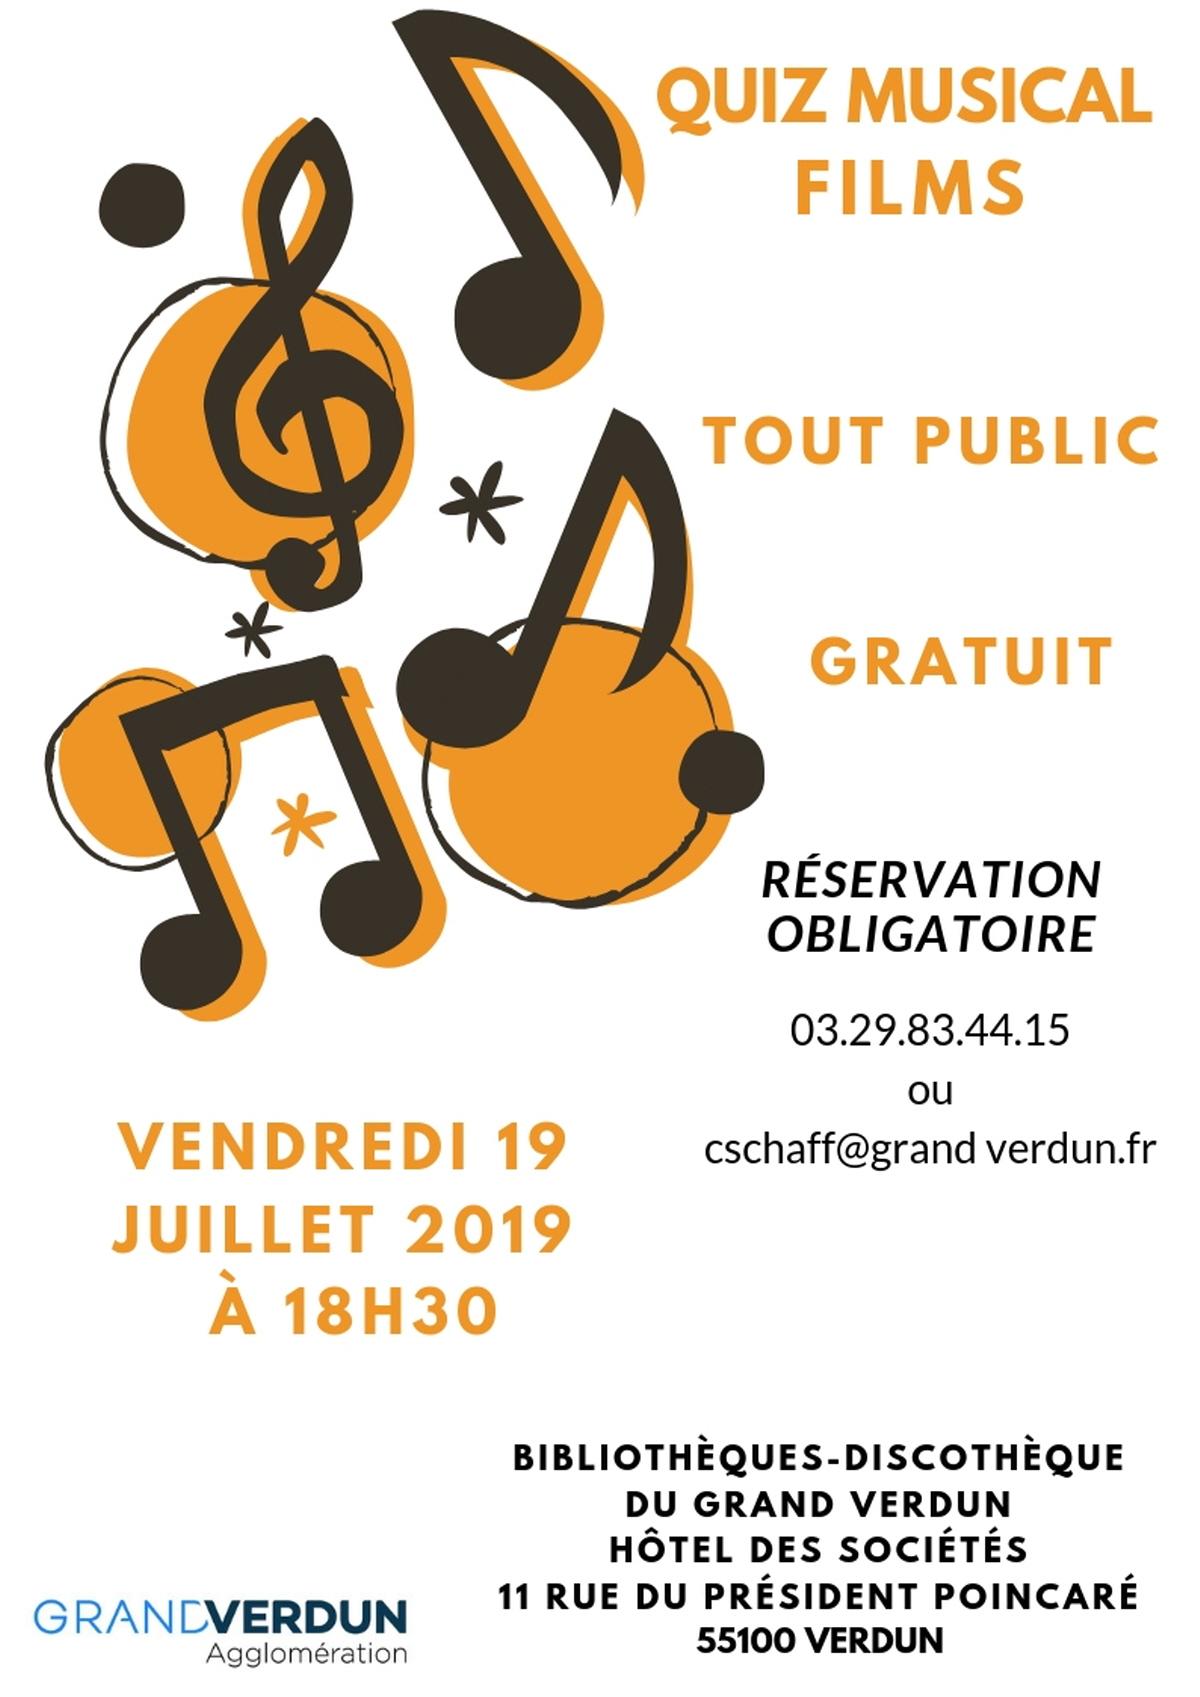 Quiz Musical Musiques De Films : Jeu, Concours A Verdun dedans Quiz Musical En Ligne